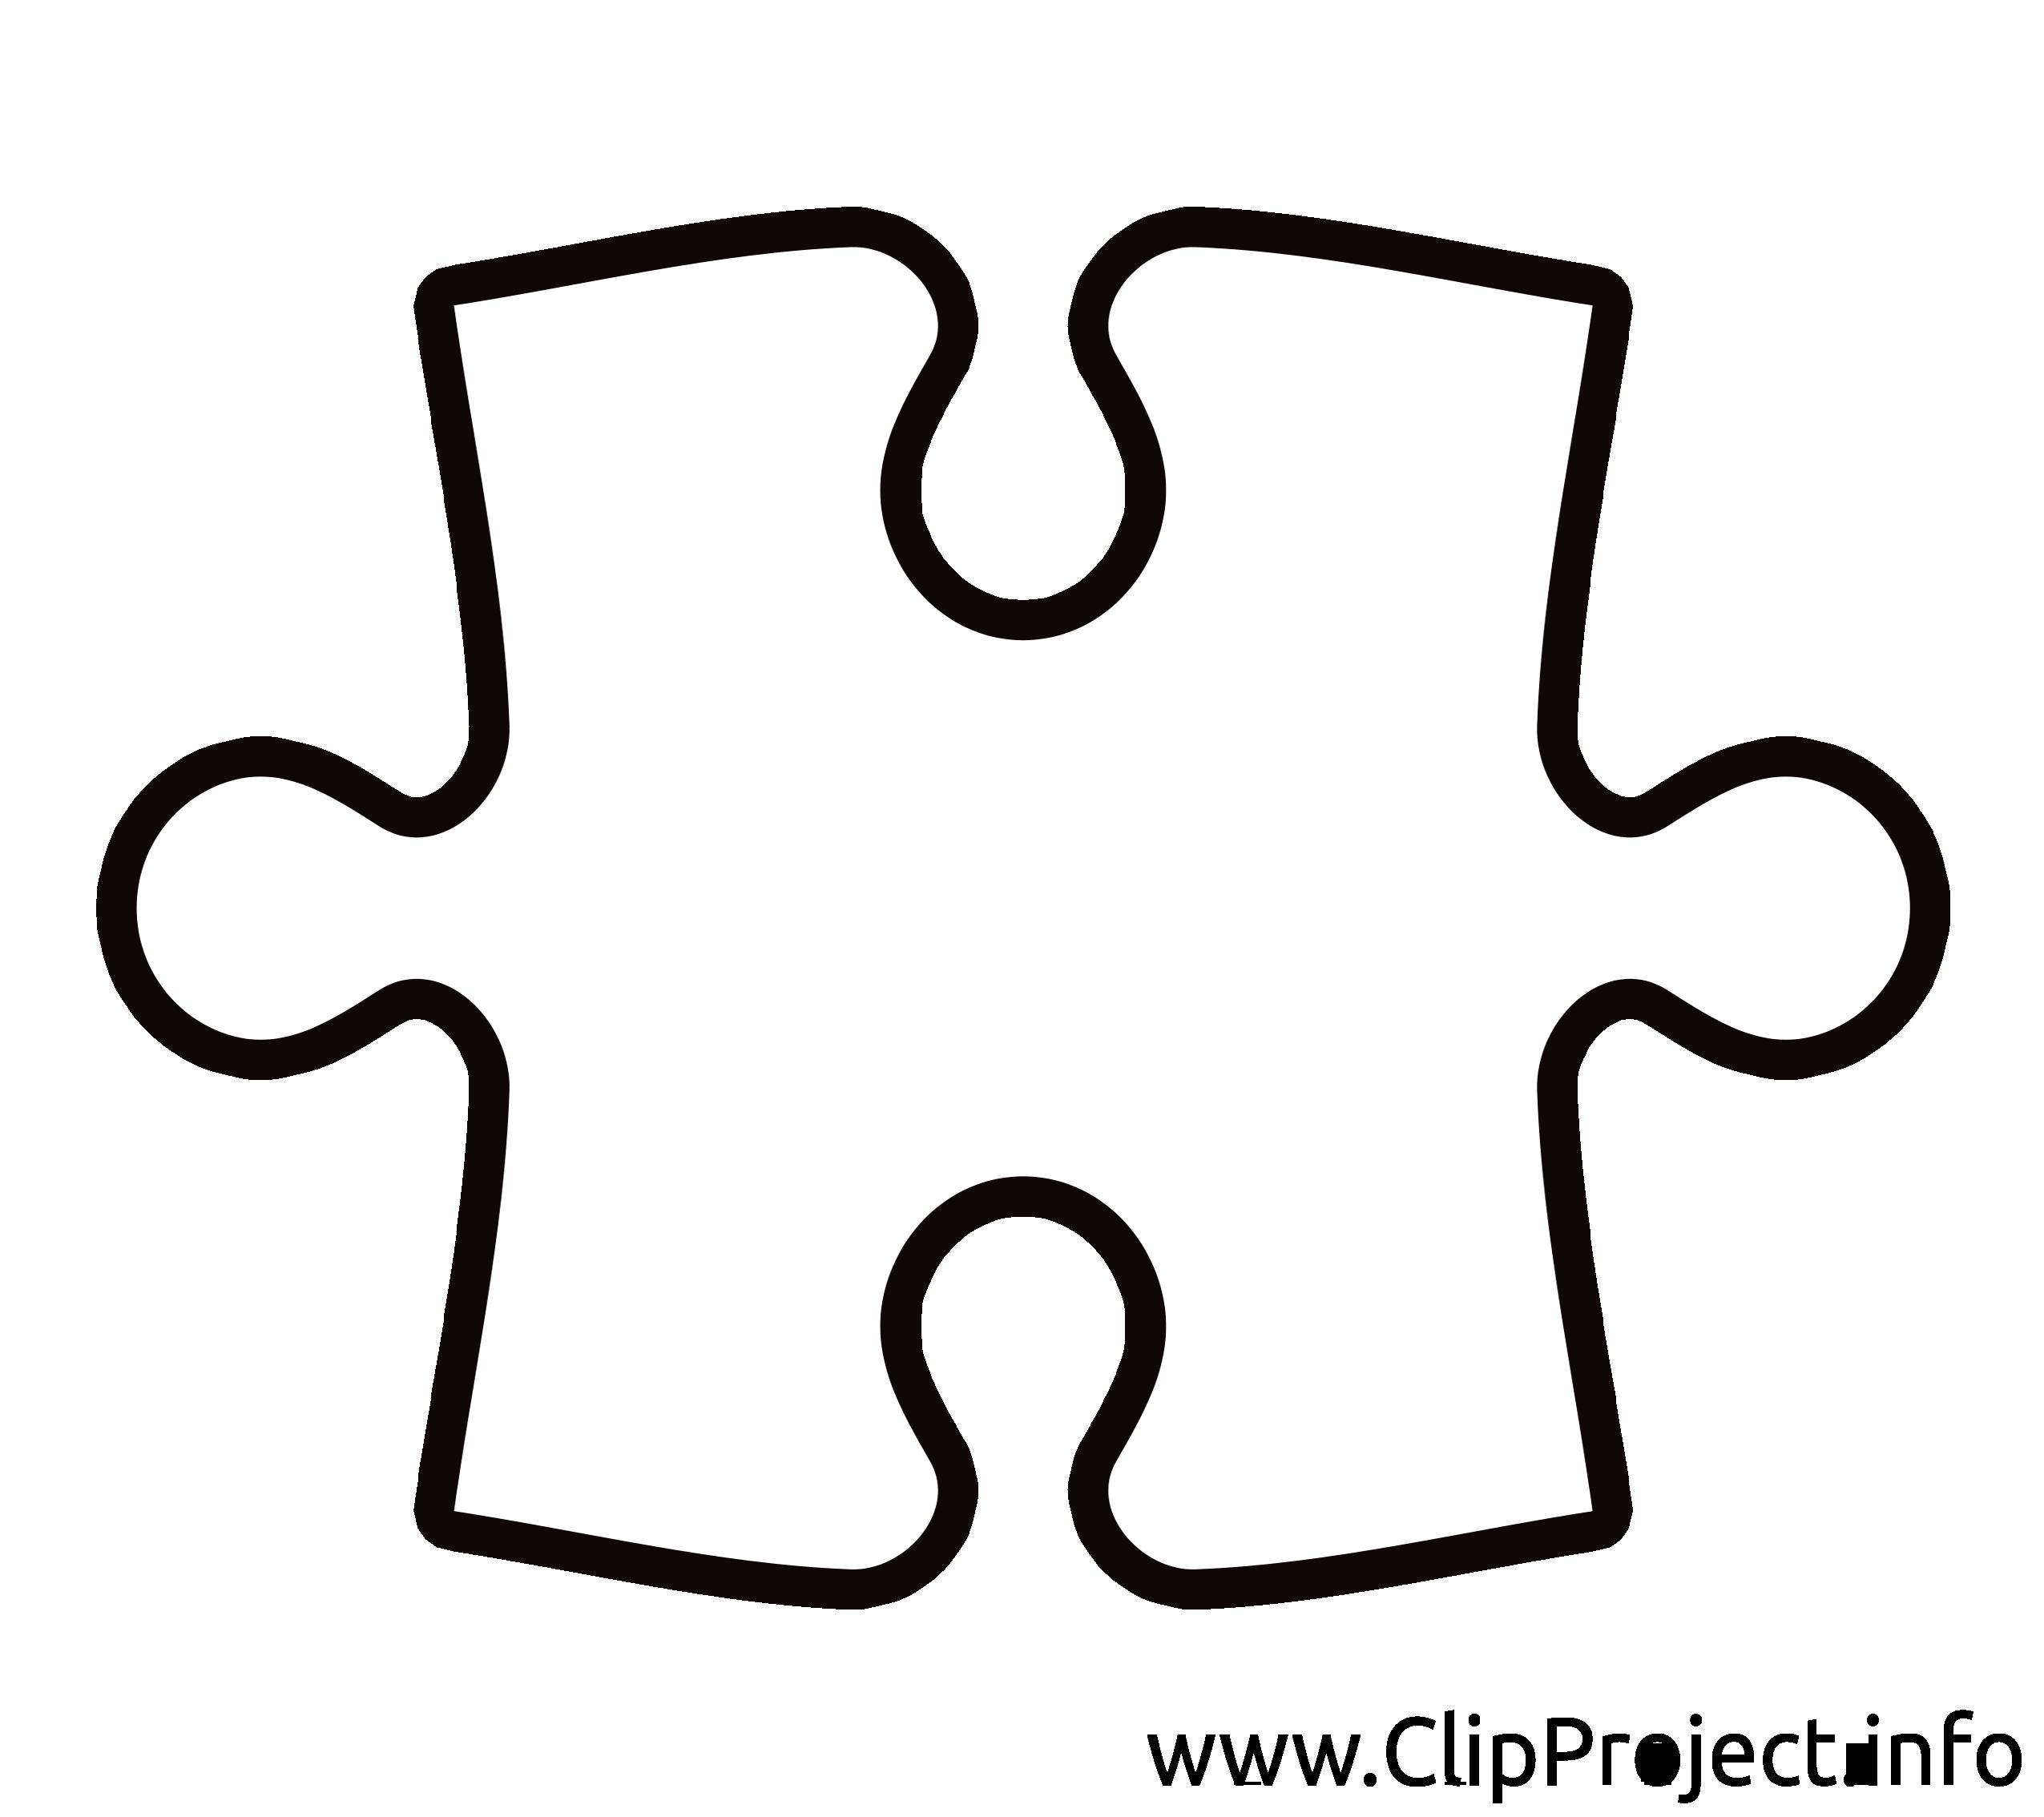 Puzzle cliparts gratuis images à imprimer - Divers dessin, picture, image, graphic, clip art ...